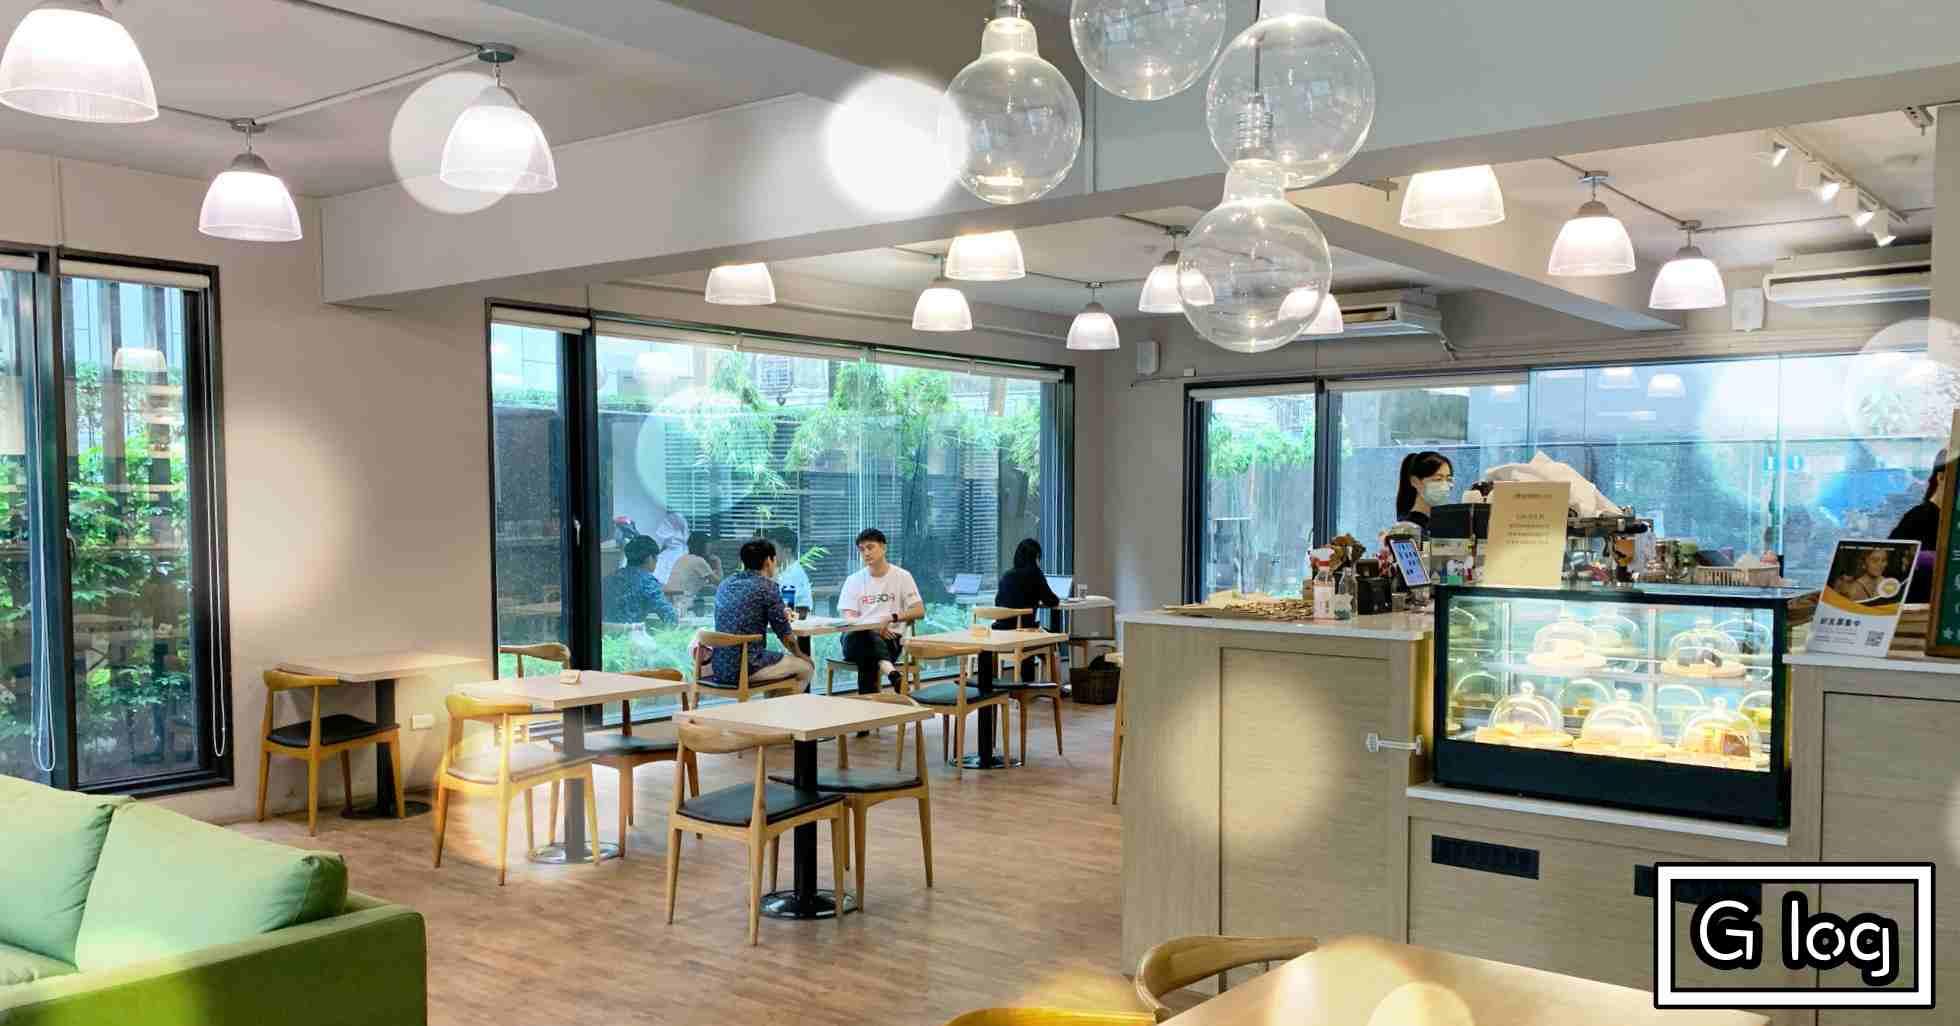 G Log Cafe,G Log Cafe菜單,G Log Cafe價錢,忠孝新生咖啡店,忠孝新生咖啡 @Nash,神之領域